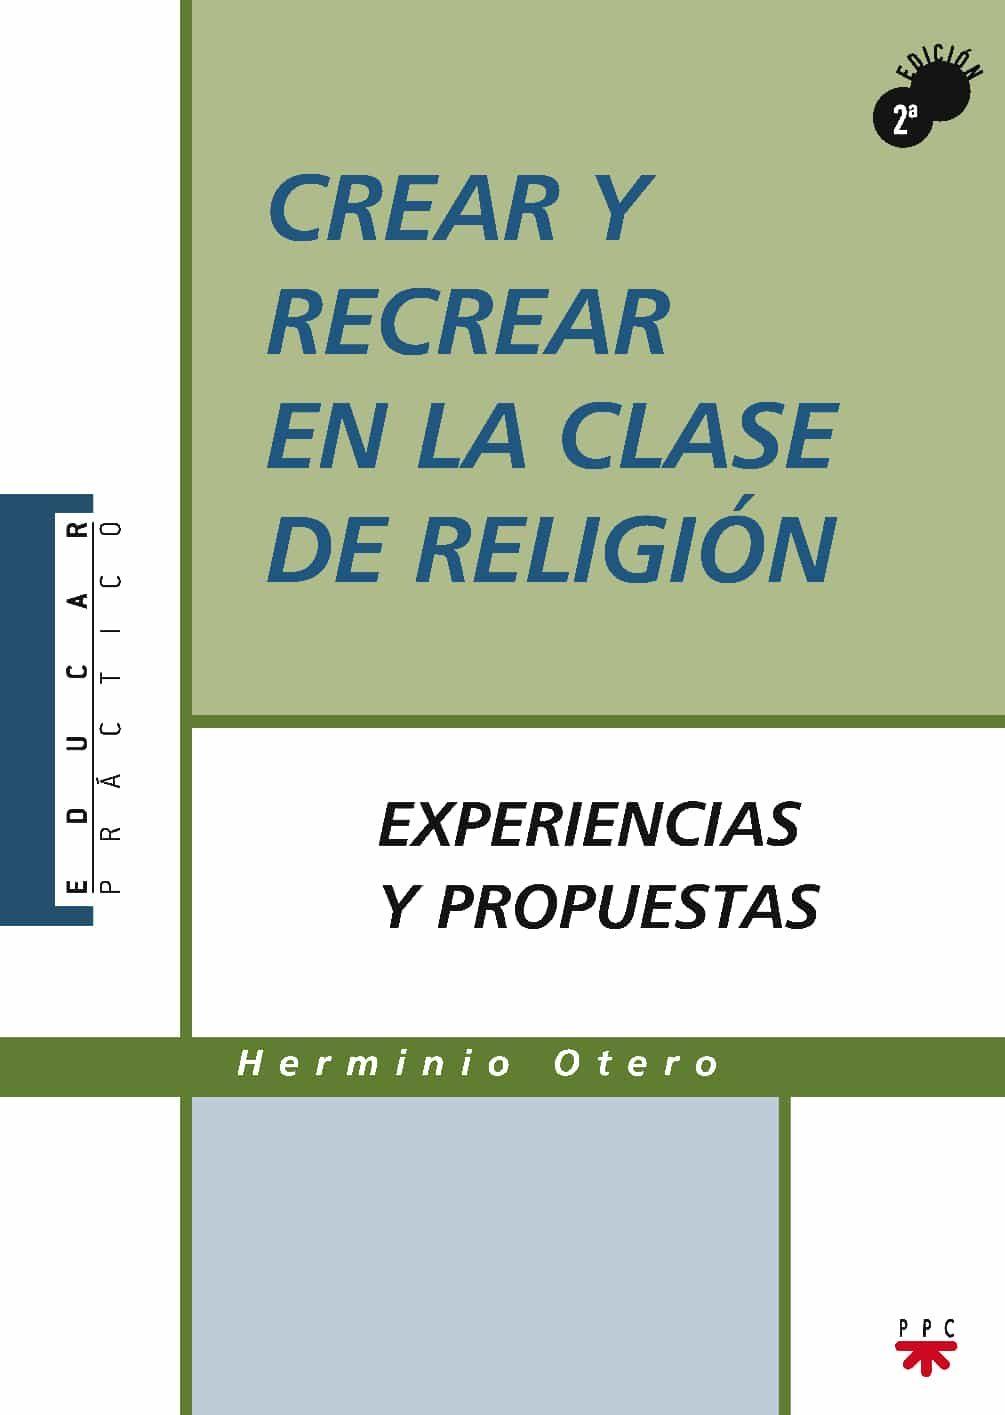 Crear Y Recrear En La Clase De Religion por Herminio Otero